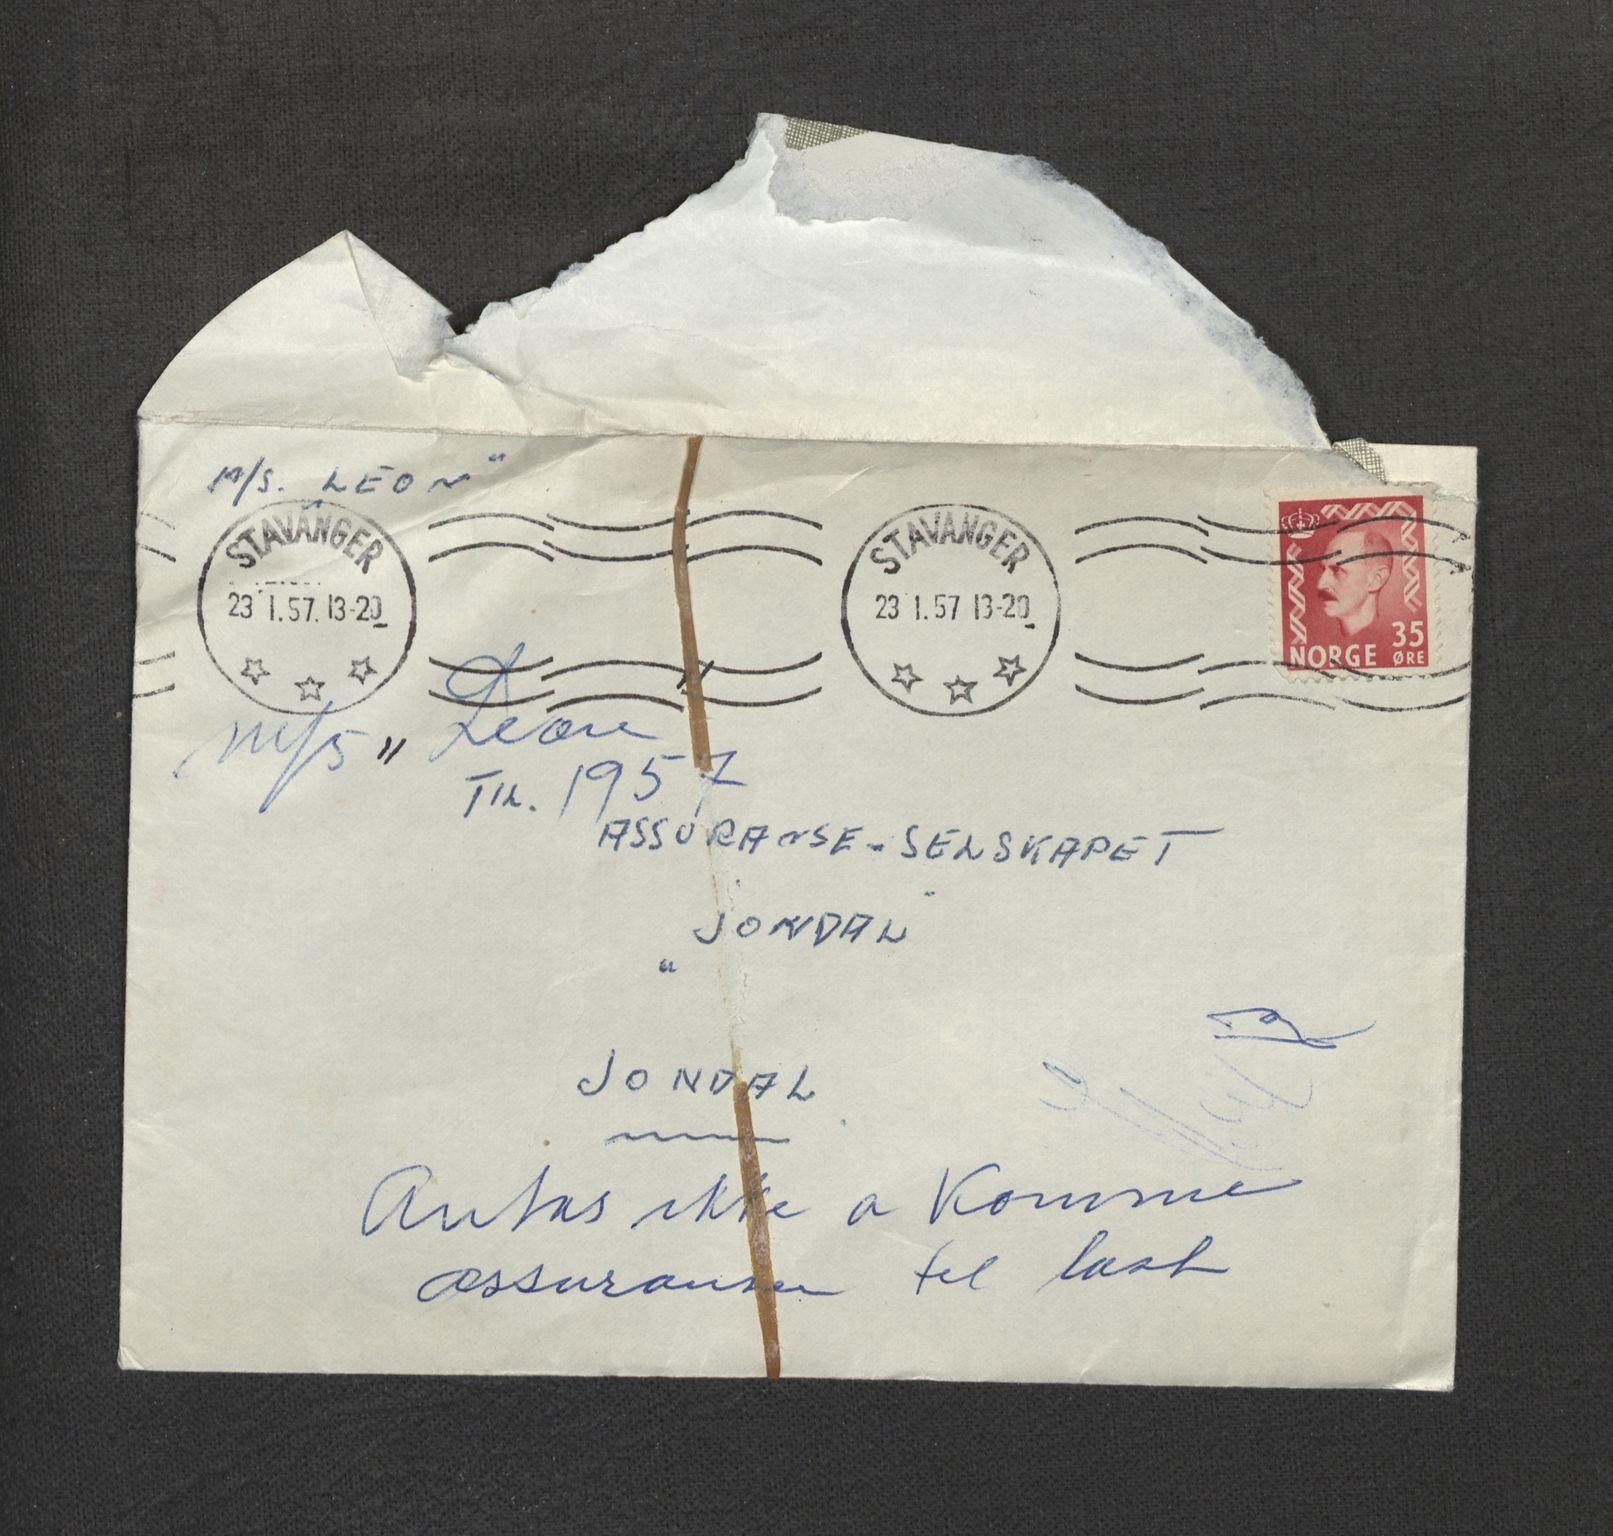 SAB, Jondal Skipsassuranseforening, E/L0015: Havari korrespondanse , 1957